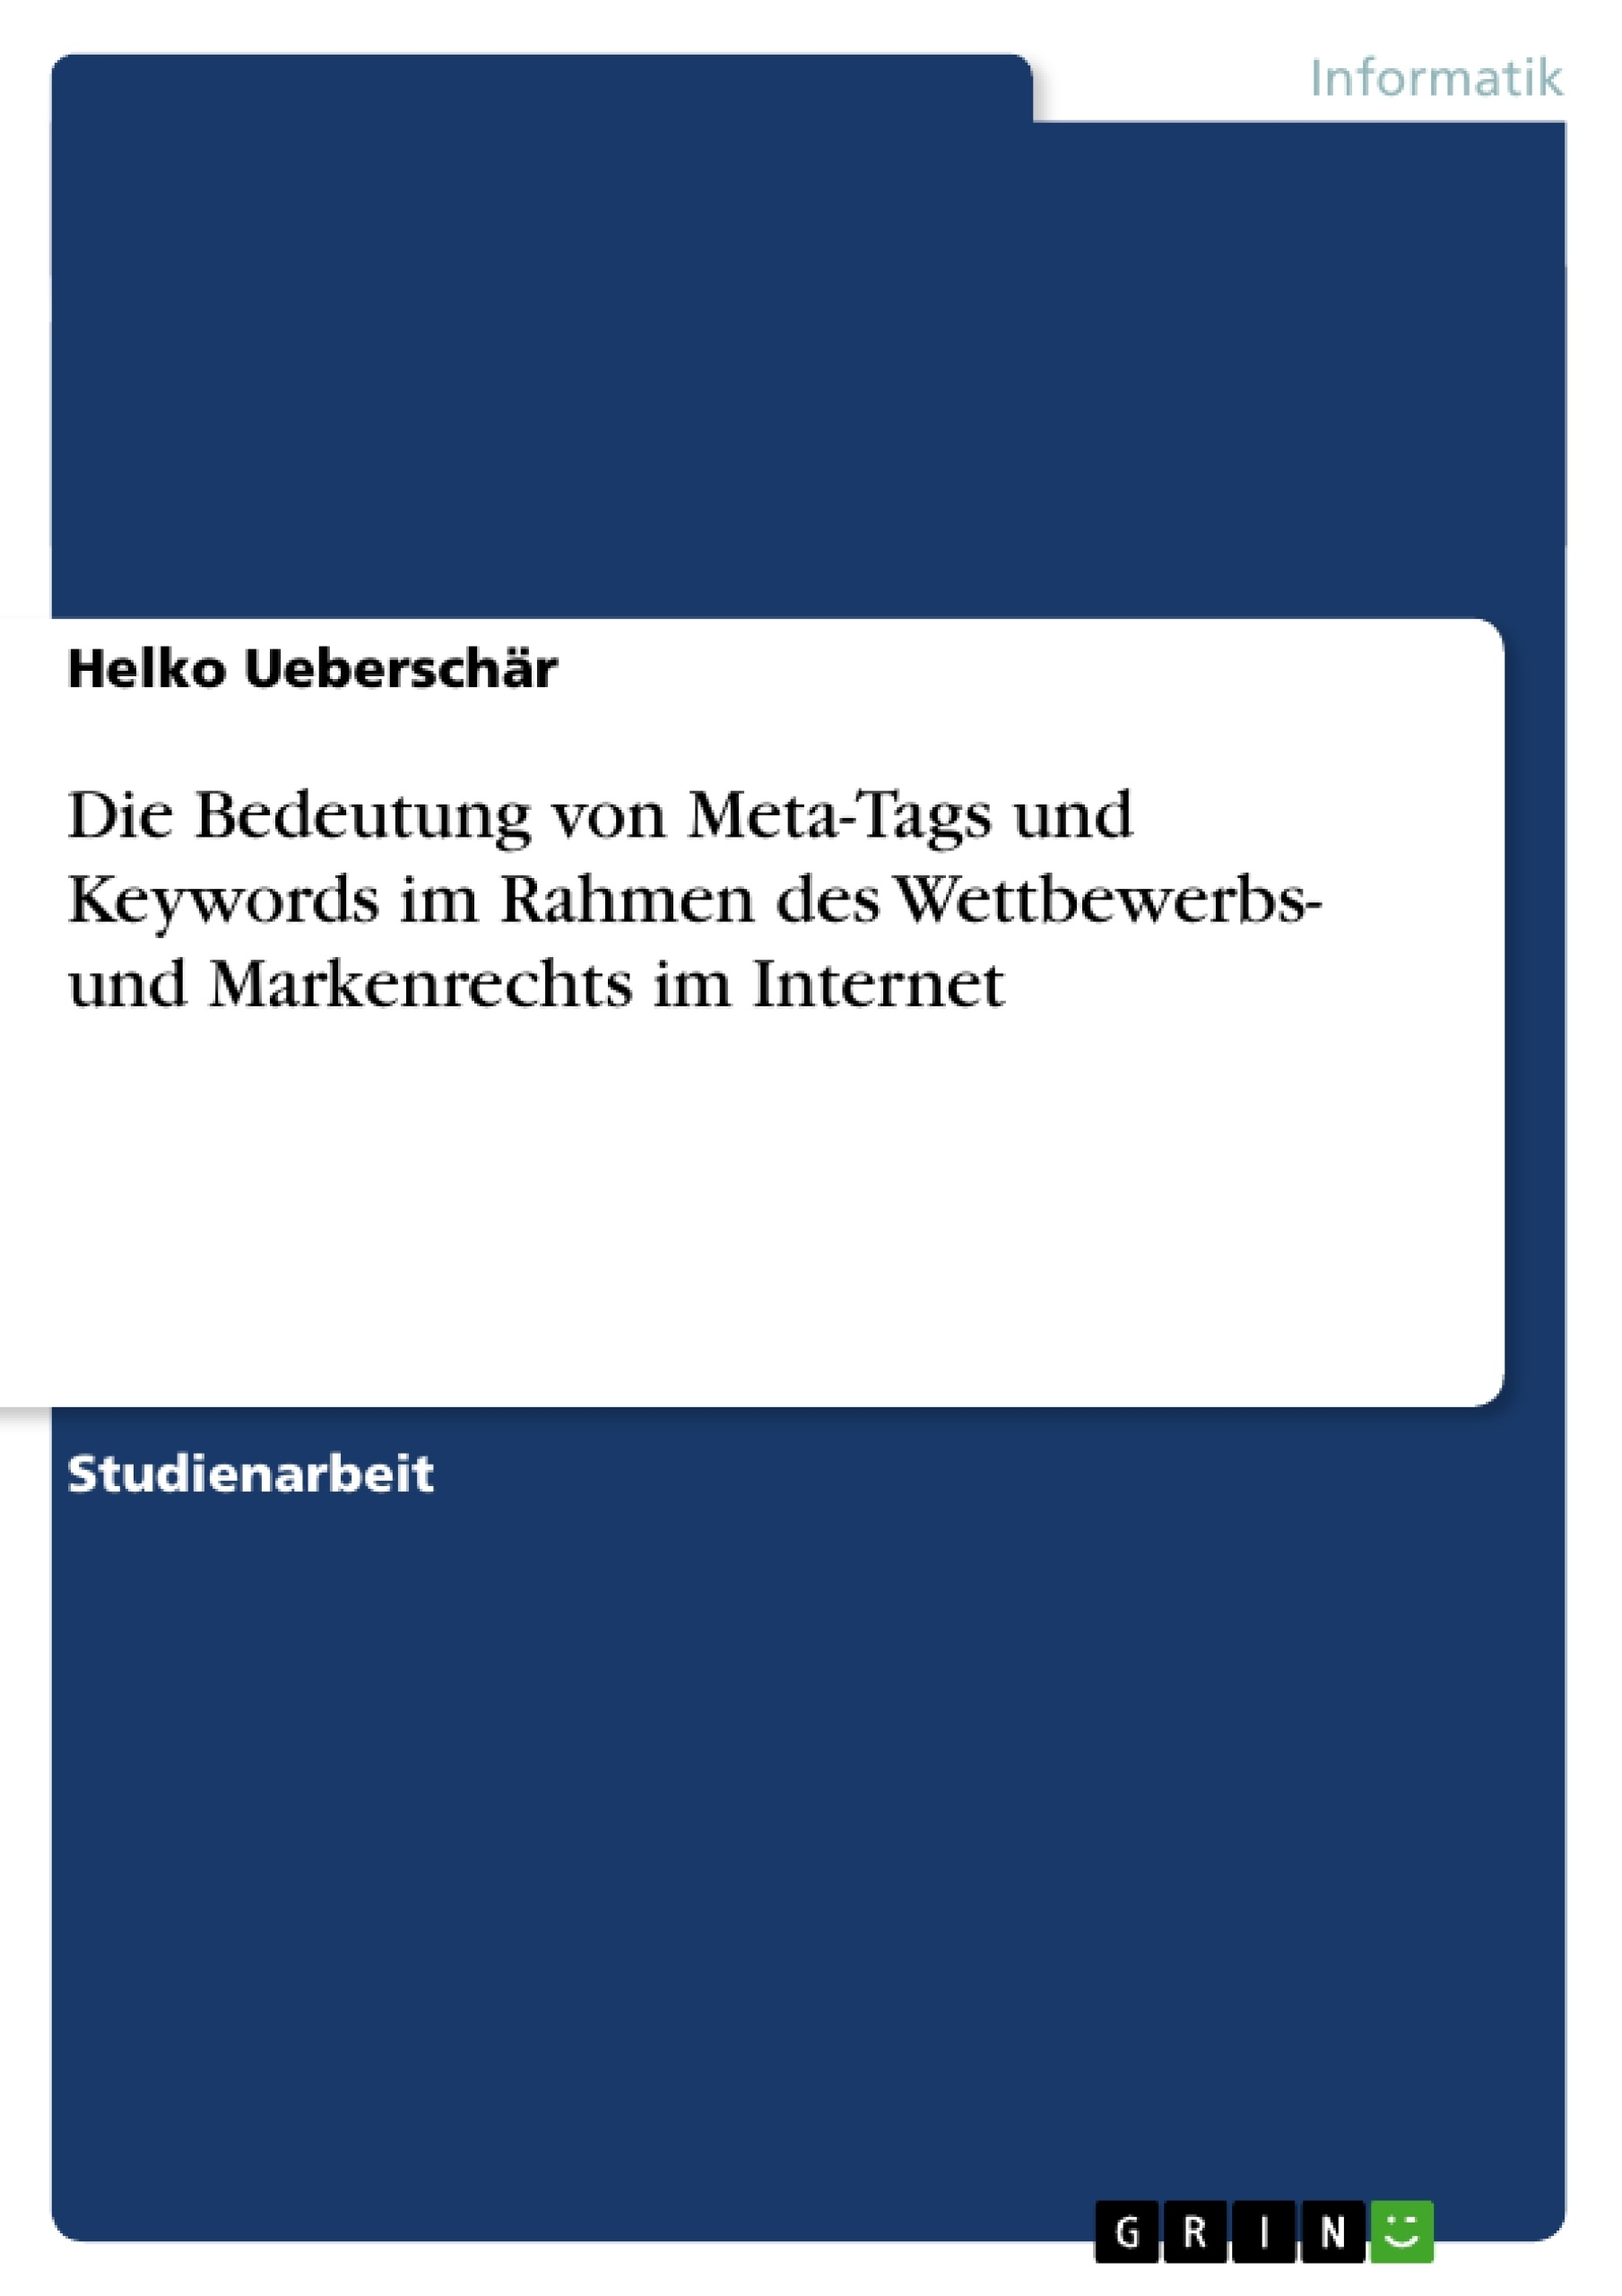 Die Bedeutung von Meta-Tags und Keywords im Rahmen des ...